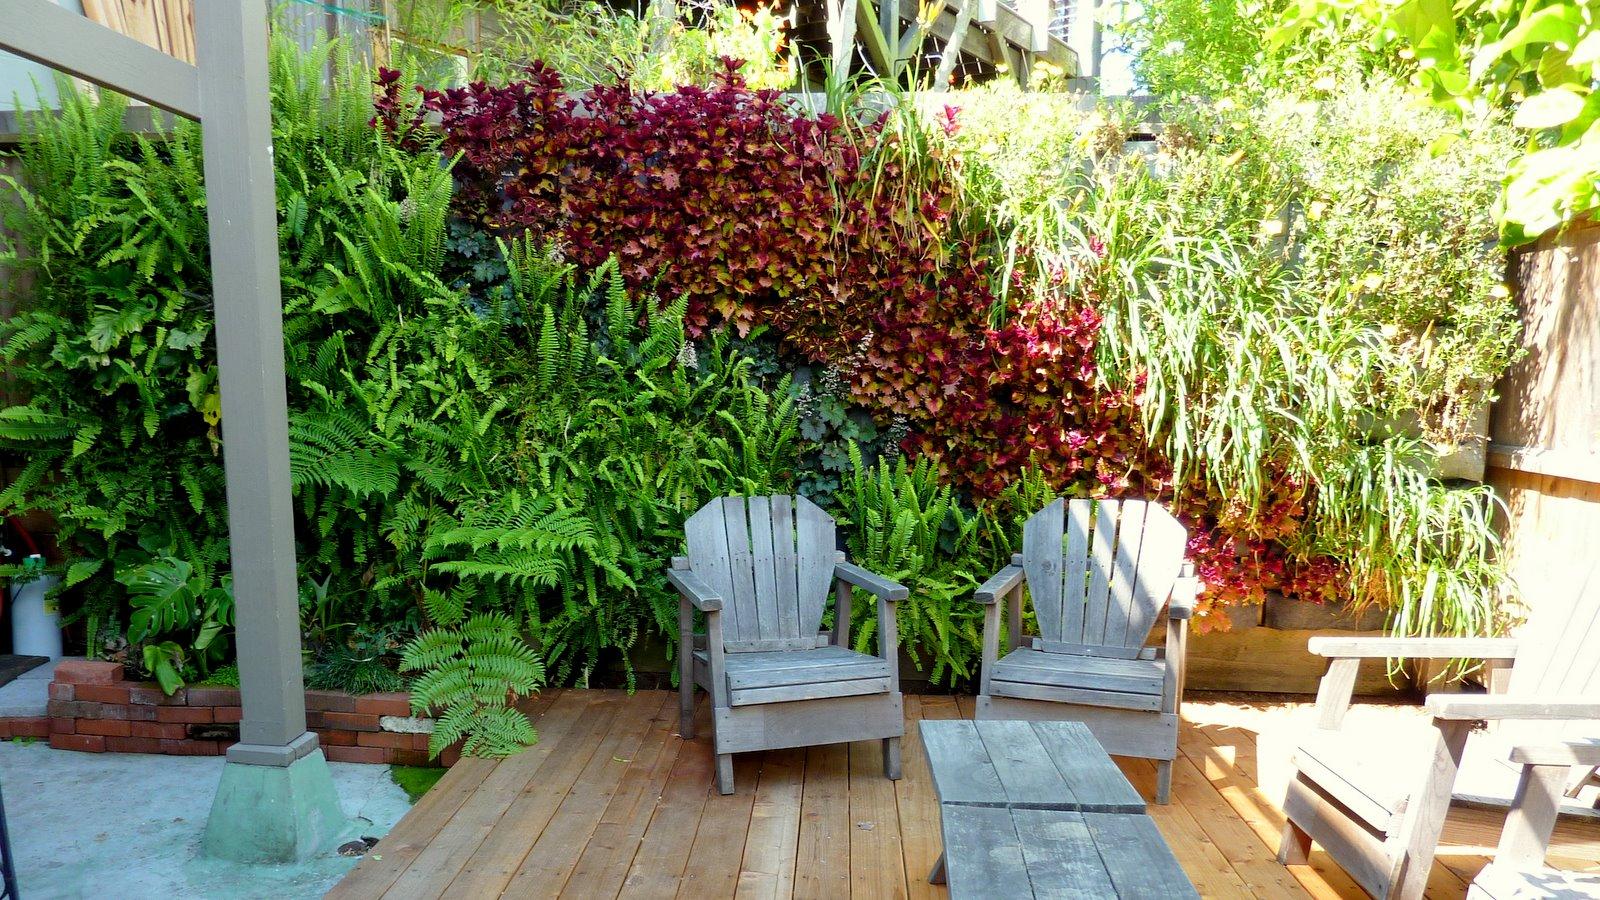 living-walls-in-garden. 100+ Surprising Garden Design Ideas You Should Not Miss in 2021